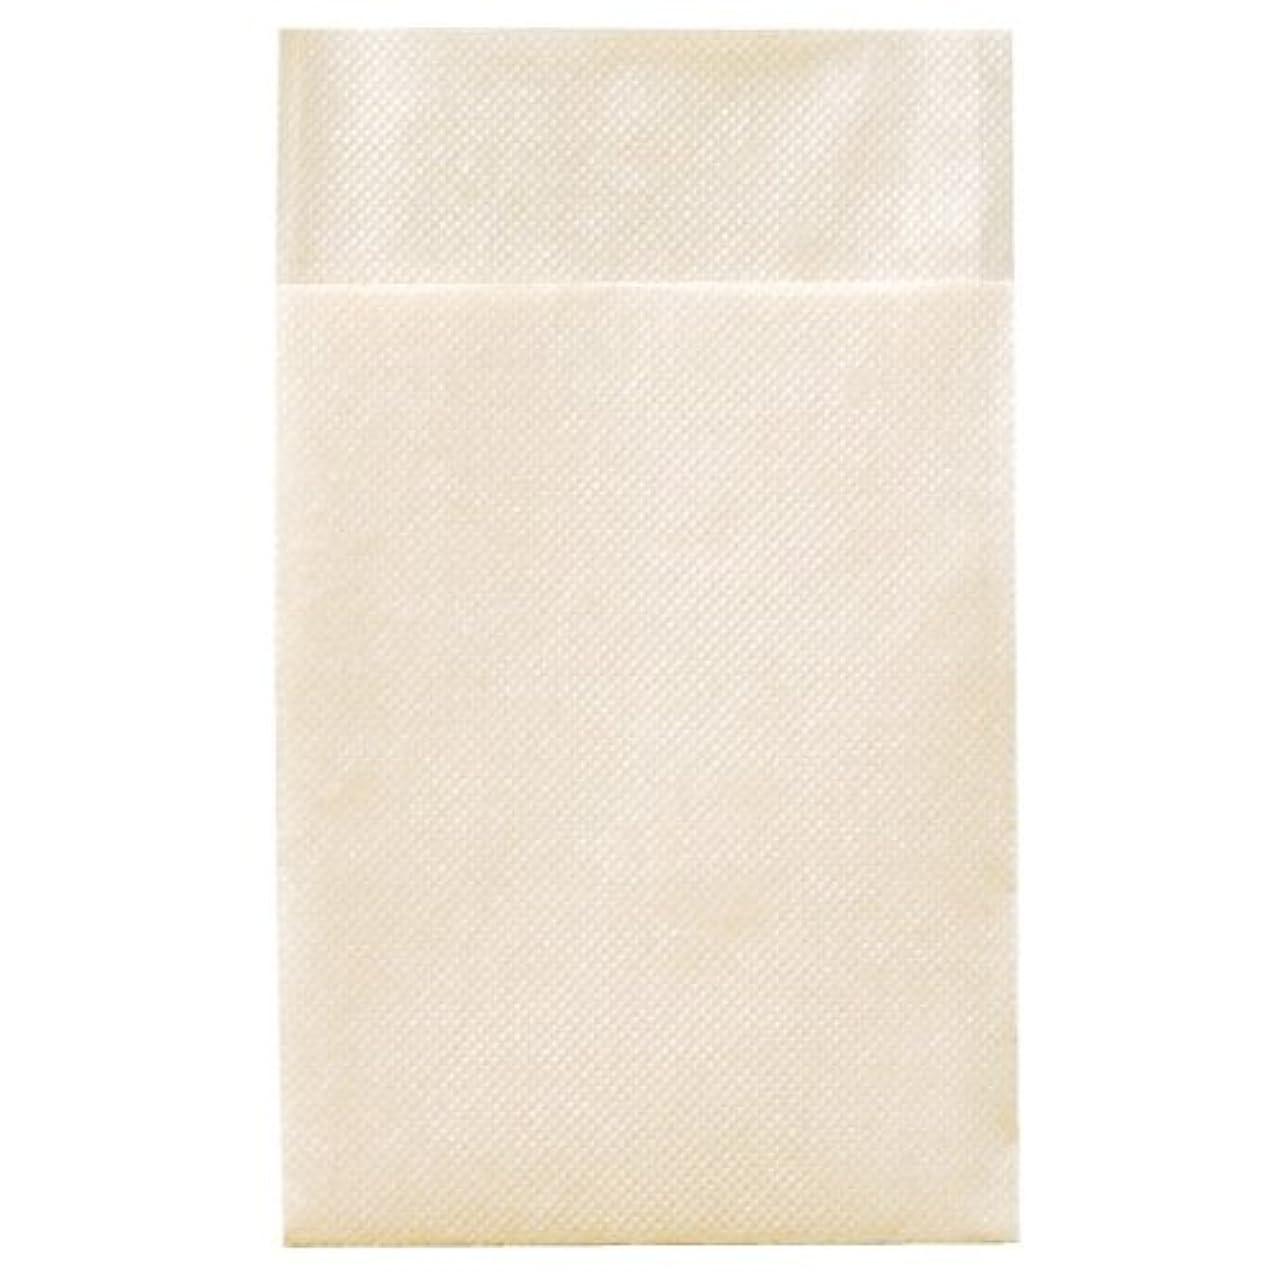 見込みソーシャル逸脱六ッ折 紙ナプキン 未晒 フラット 100枚×100入(10000枚)